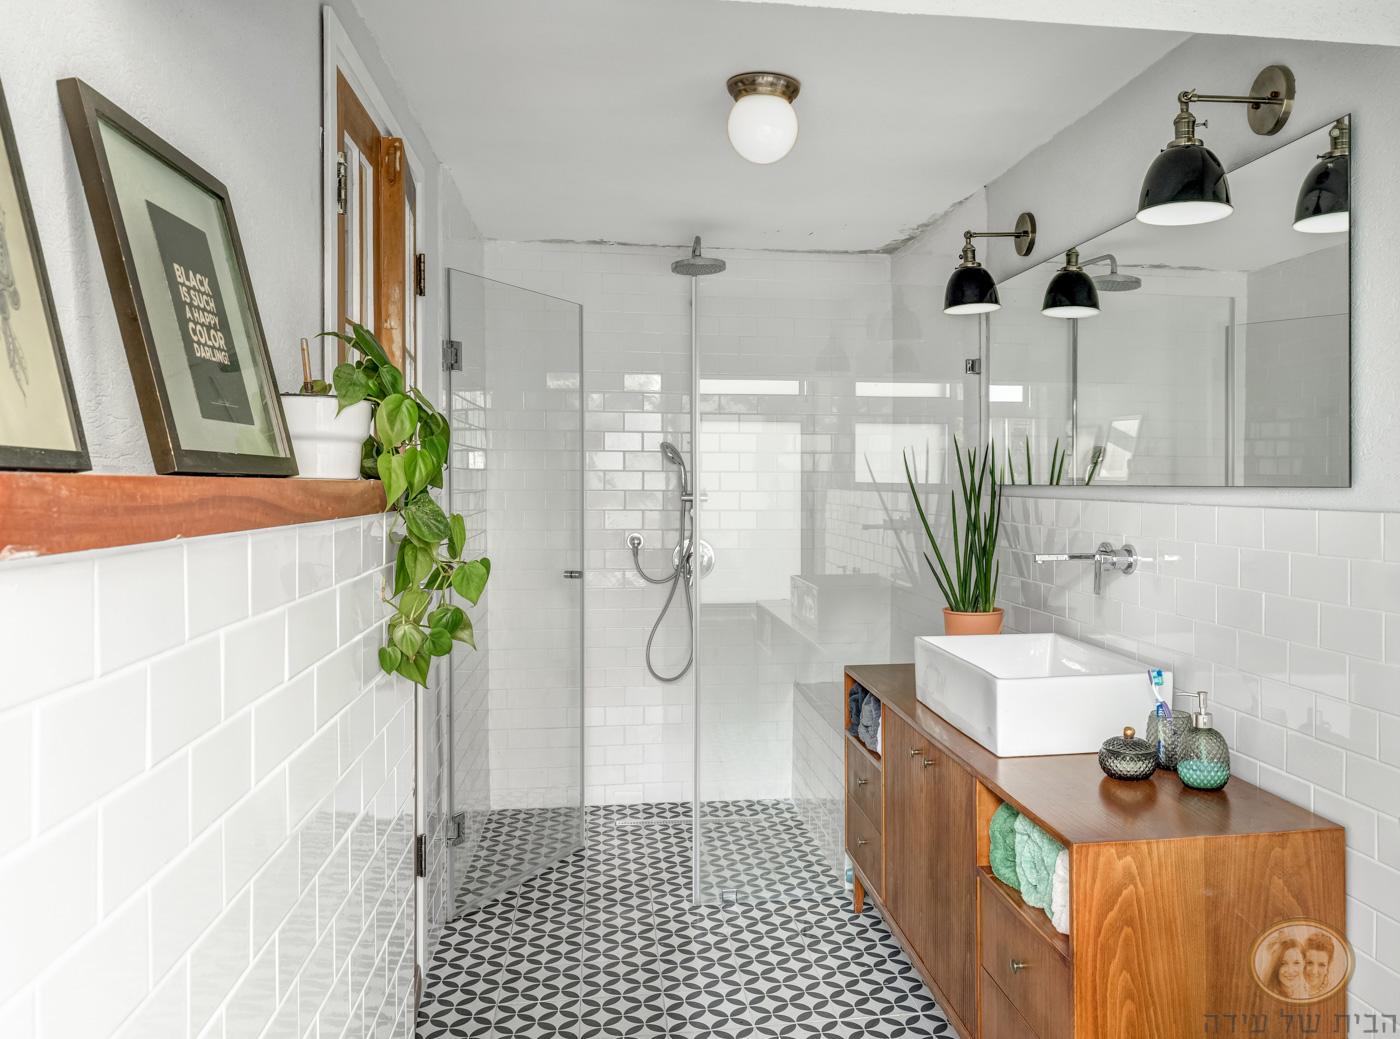 ארון אמבטיה בסגנון אורבני